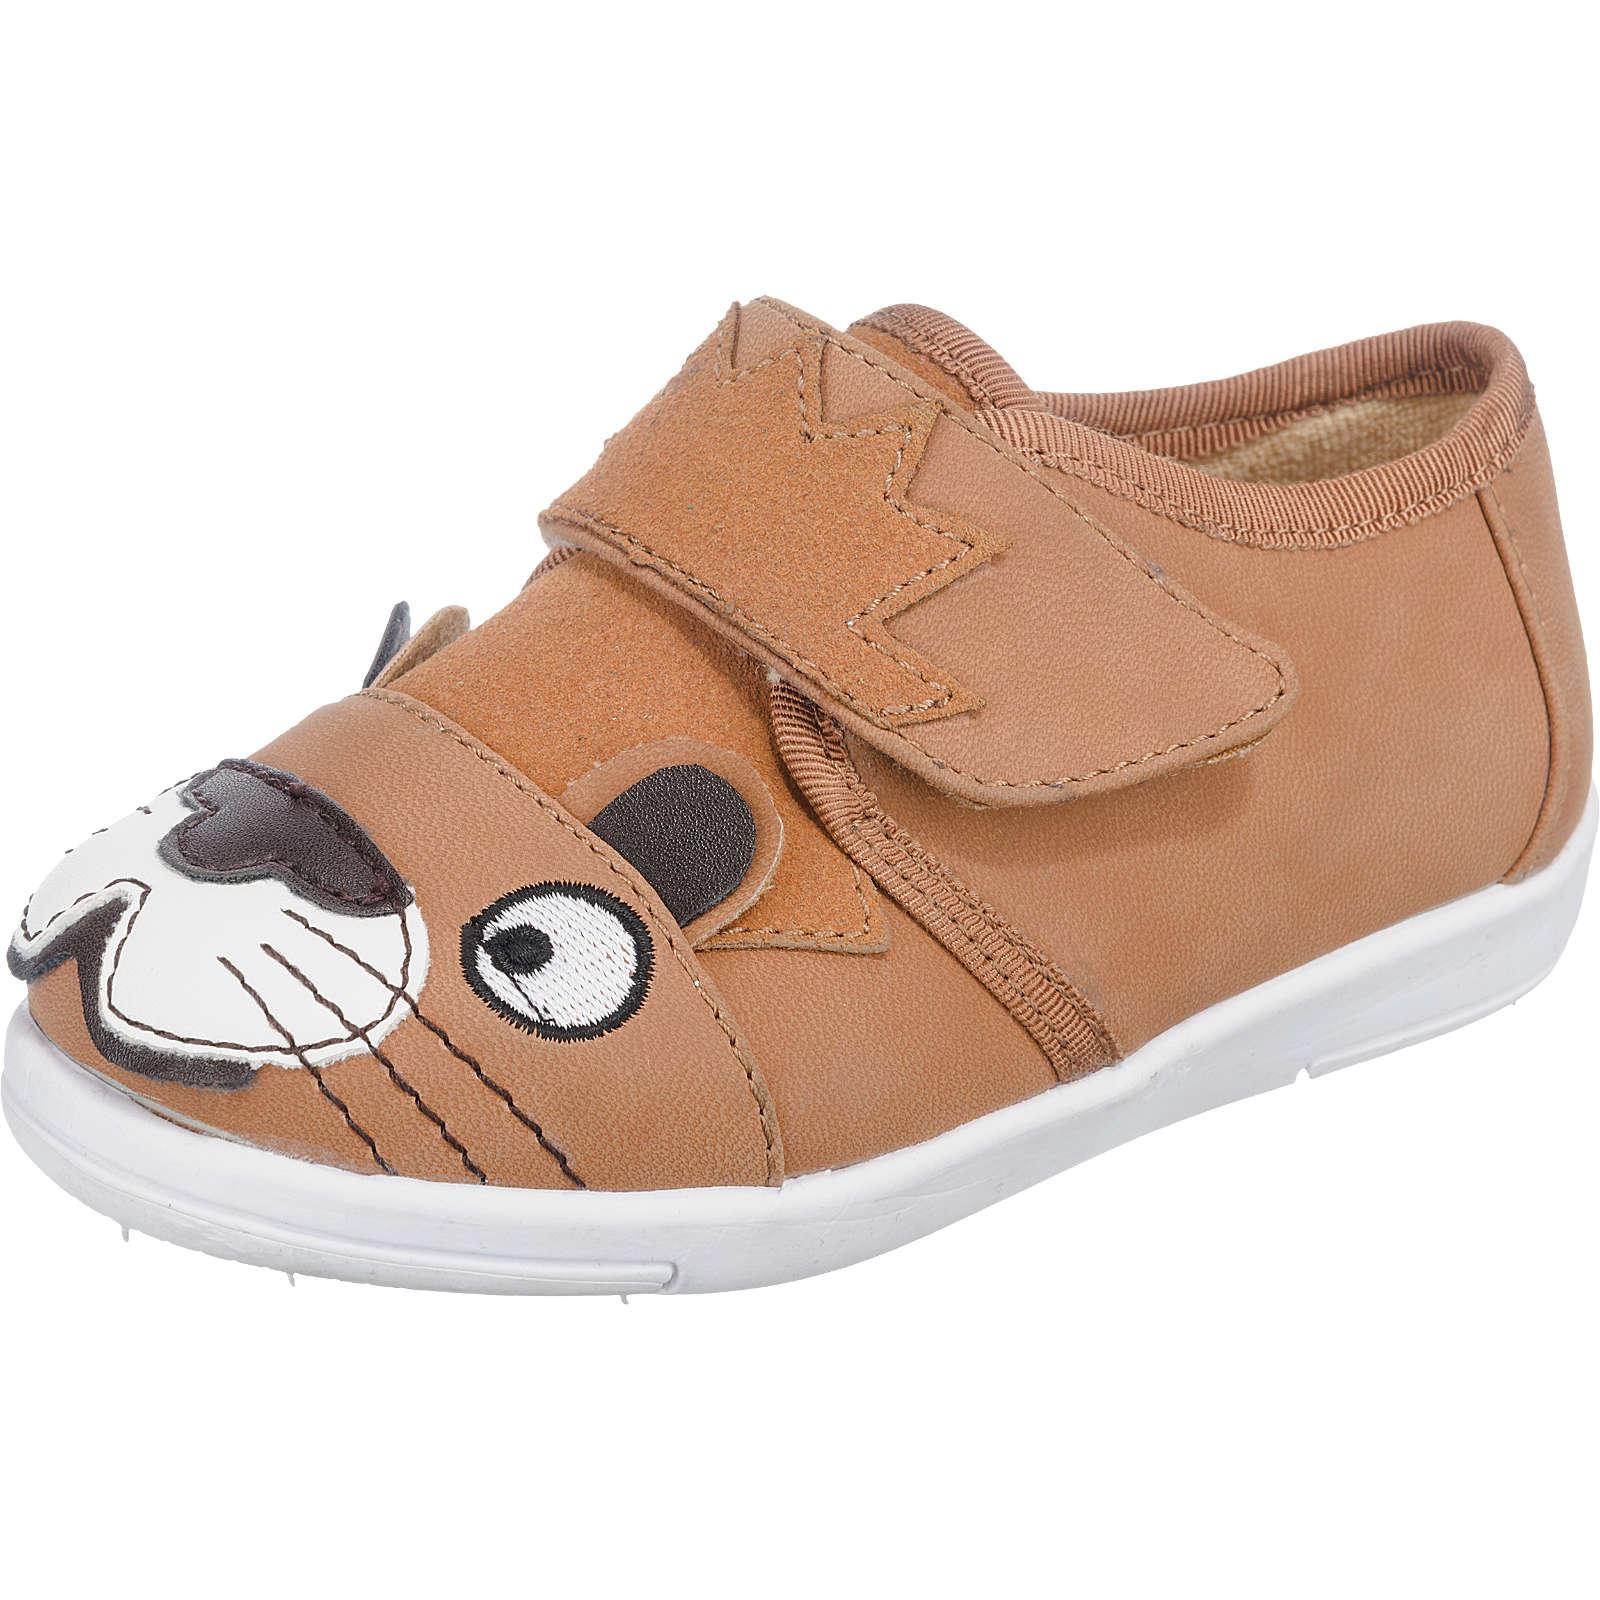 EMU Australia Hausschuhe Lion Sneaker Gr. 33/34 Jungen Kinder - broschei